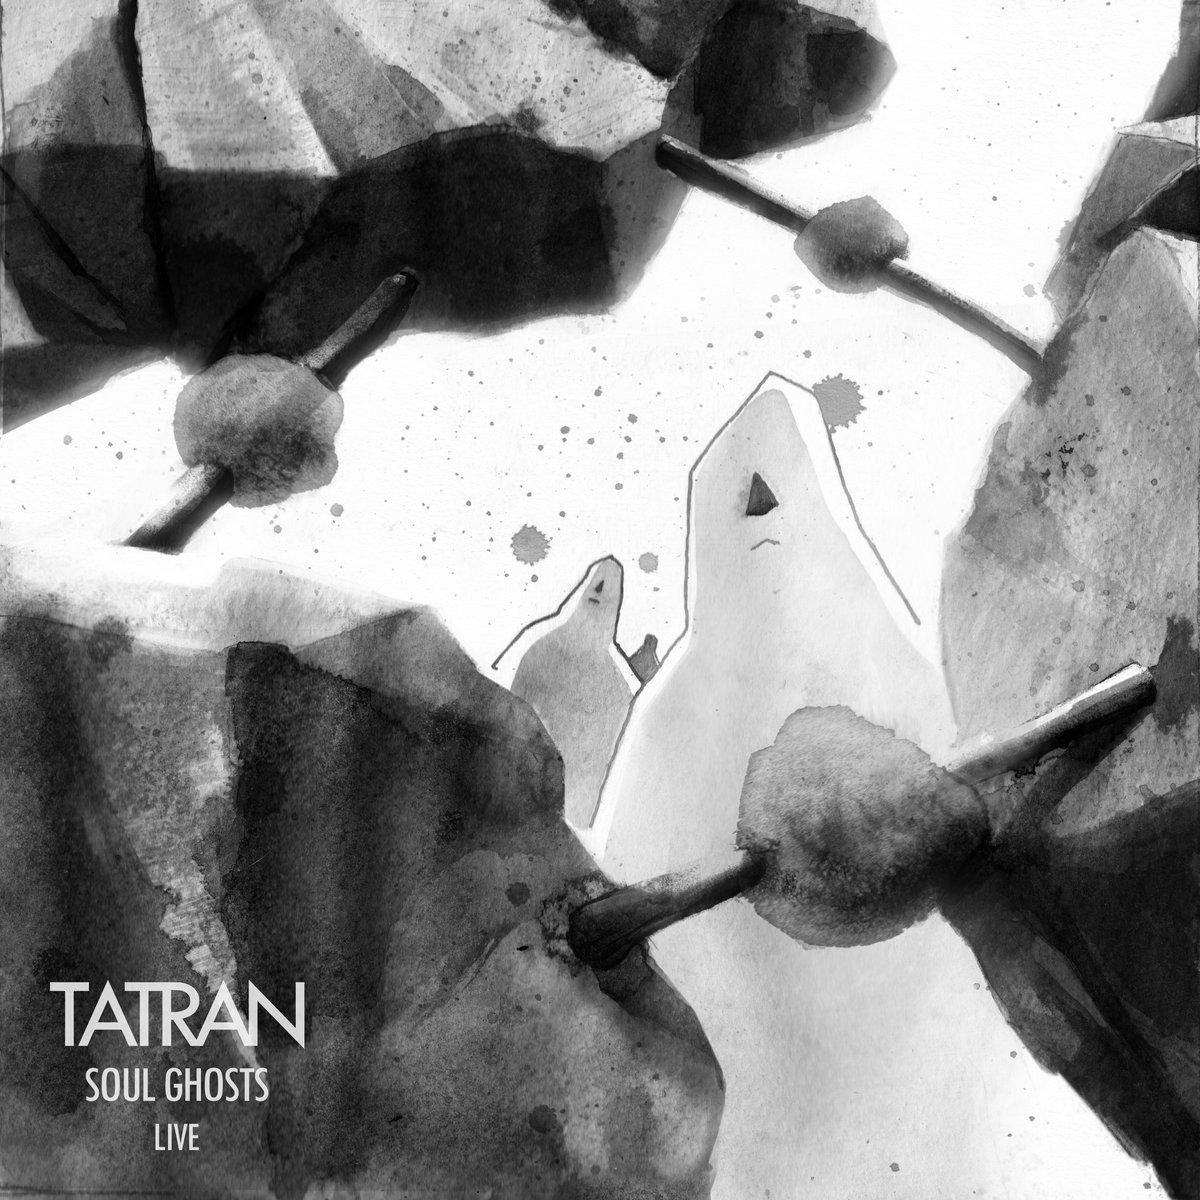 TATRAN - Soul Ghosts